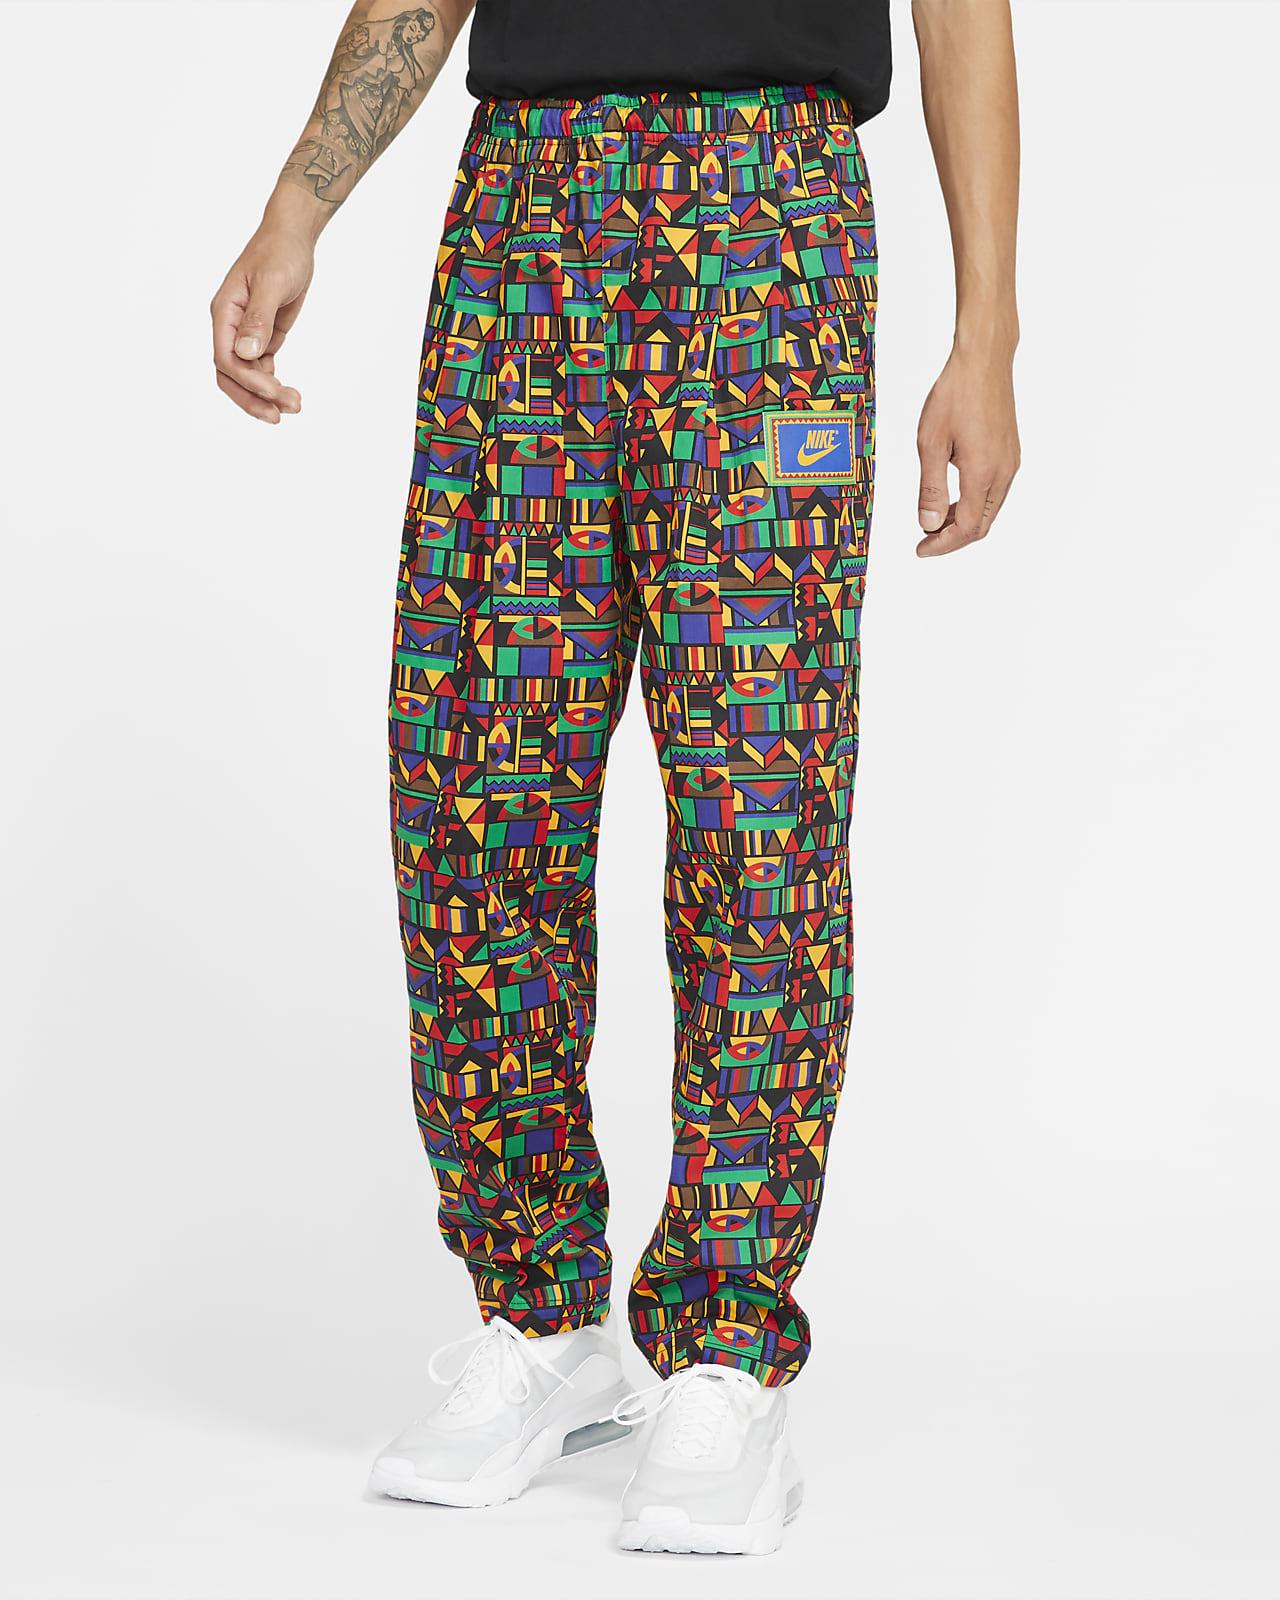 กางเกงผู้ชายแบบทอผลิตซ้ำ Nike Sportswear